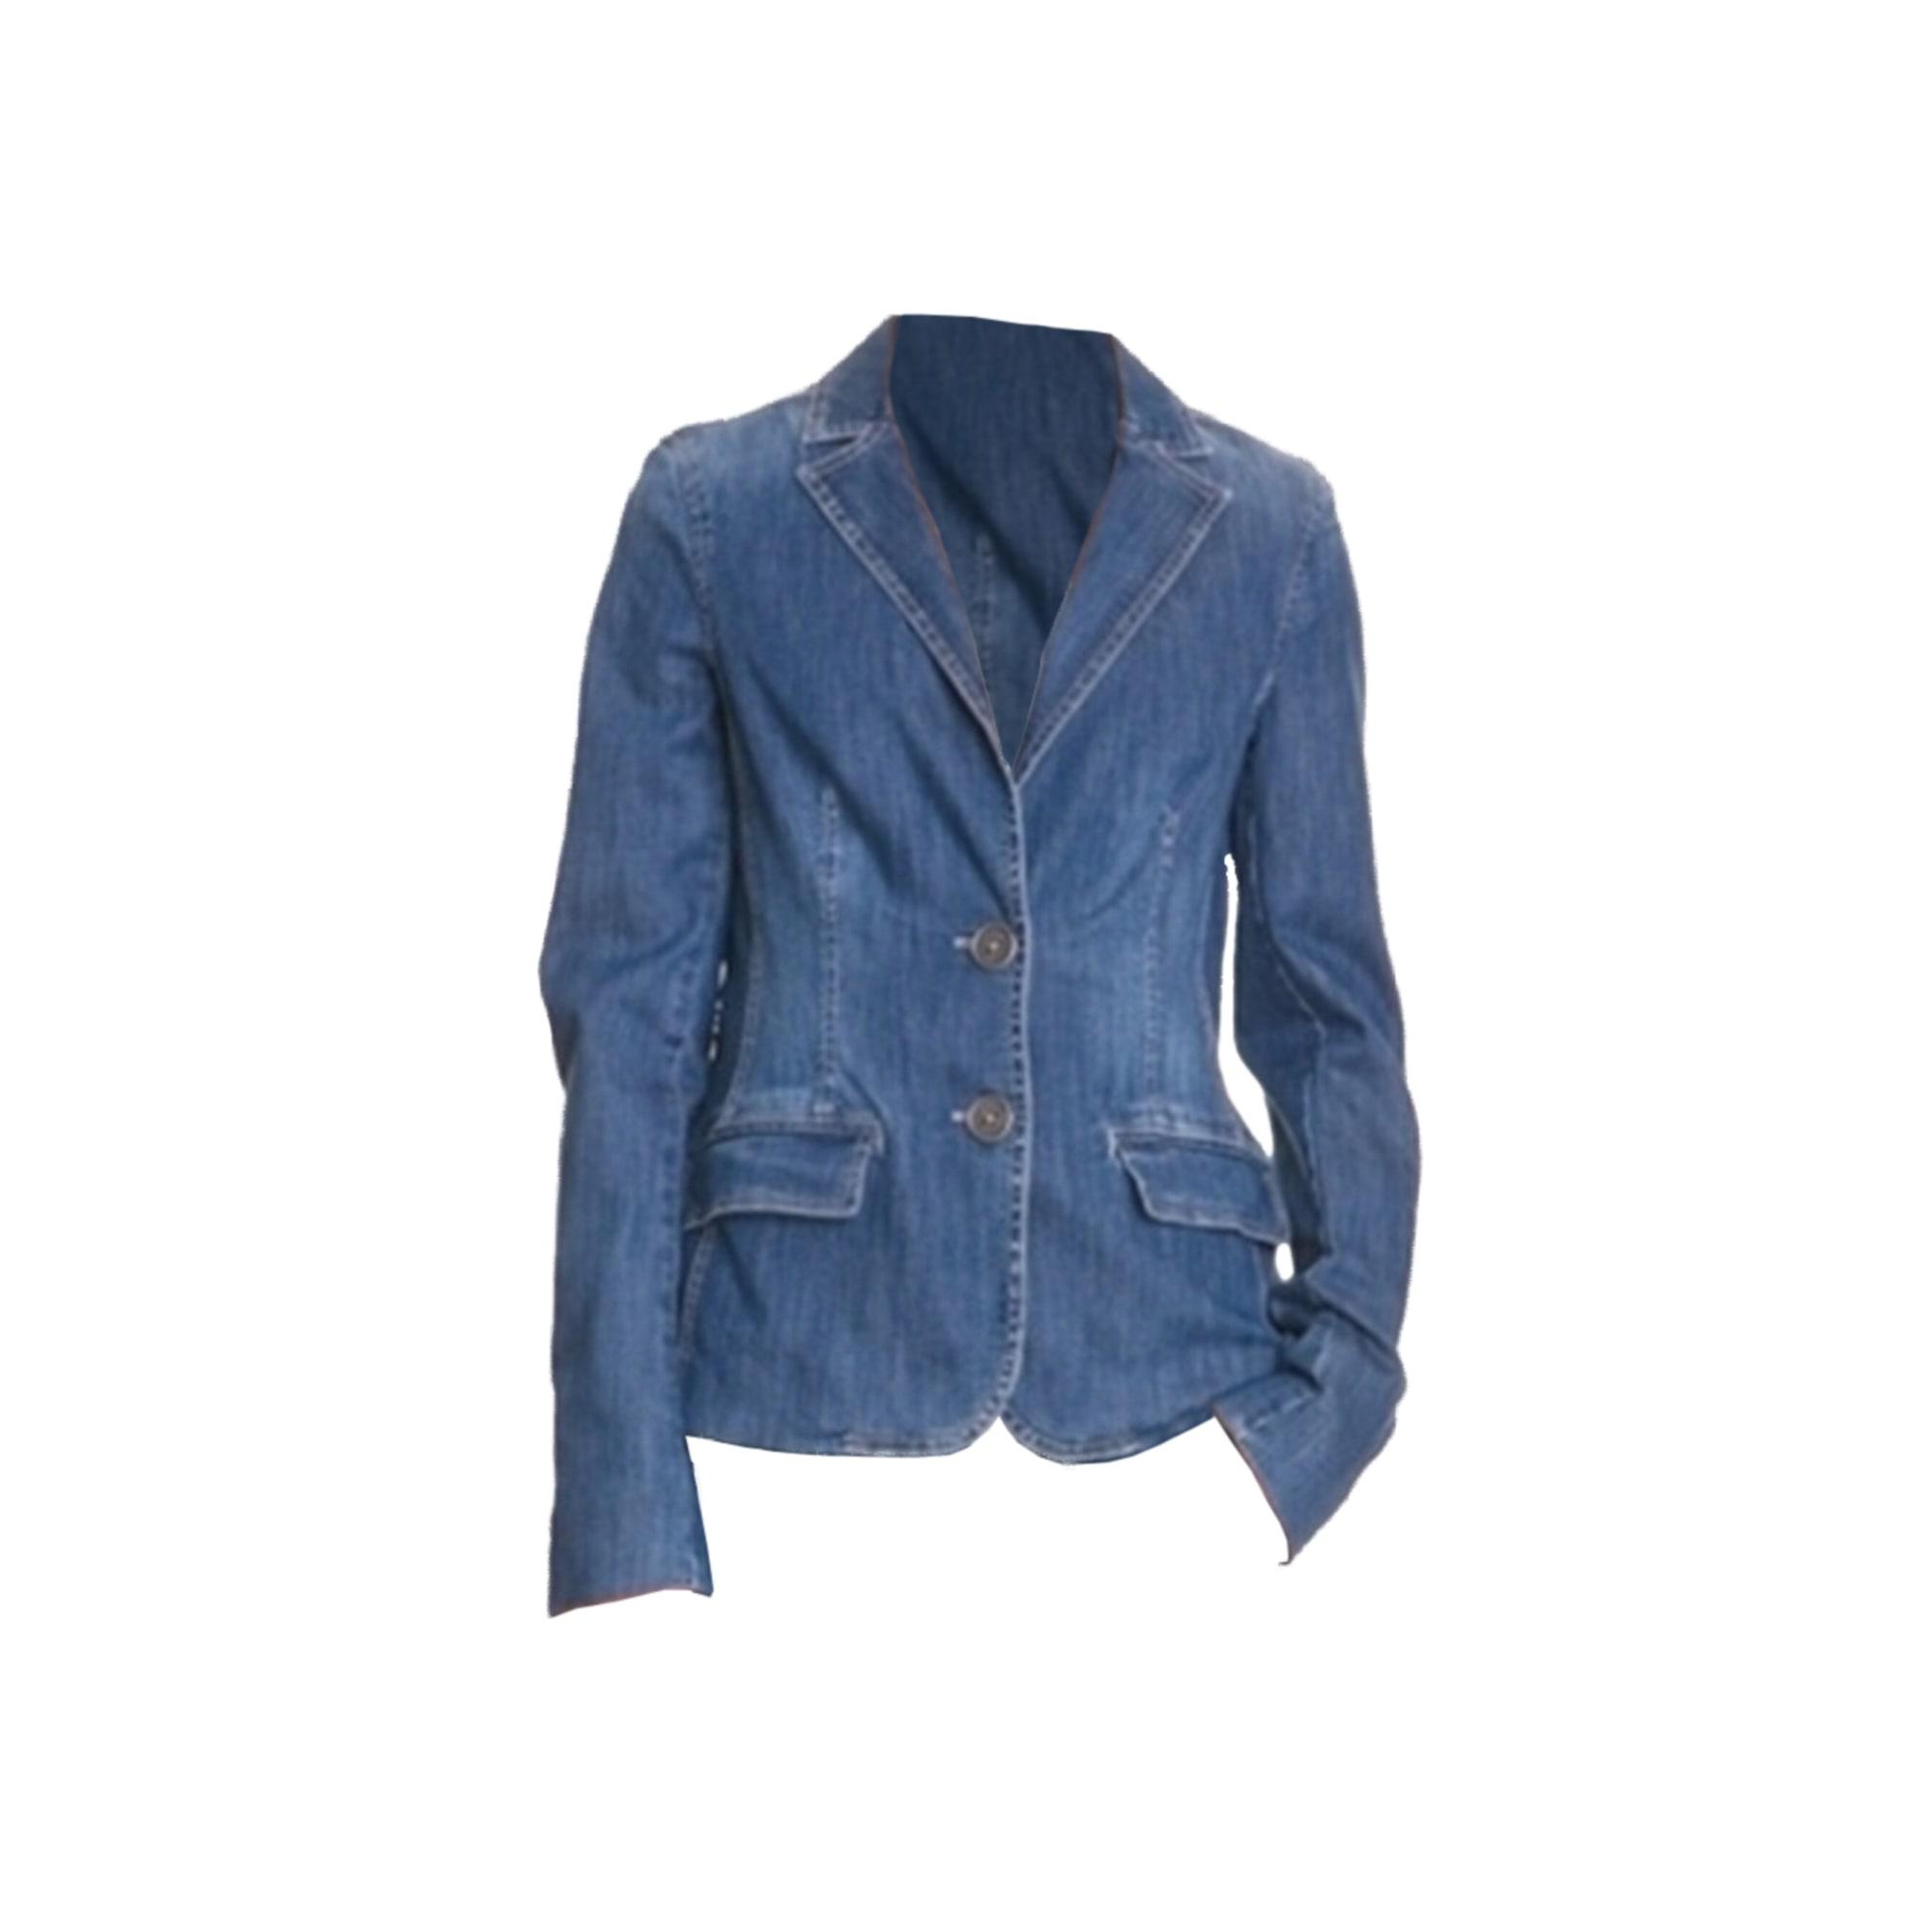 Veste en jean TOMMY HILFIGER Bleu, bleu marine, bleu turquoise